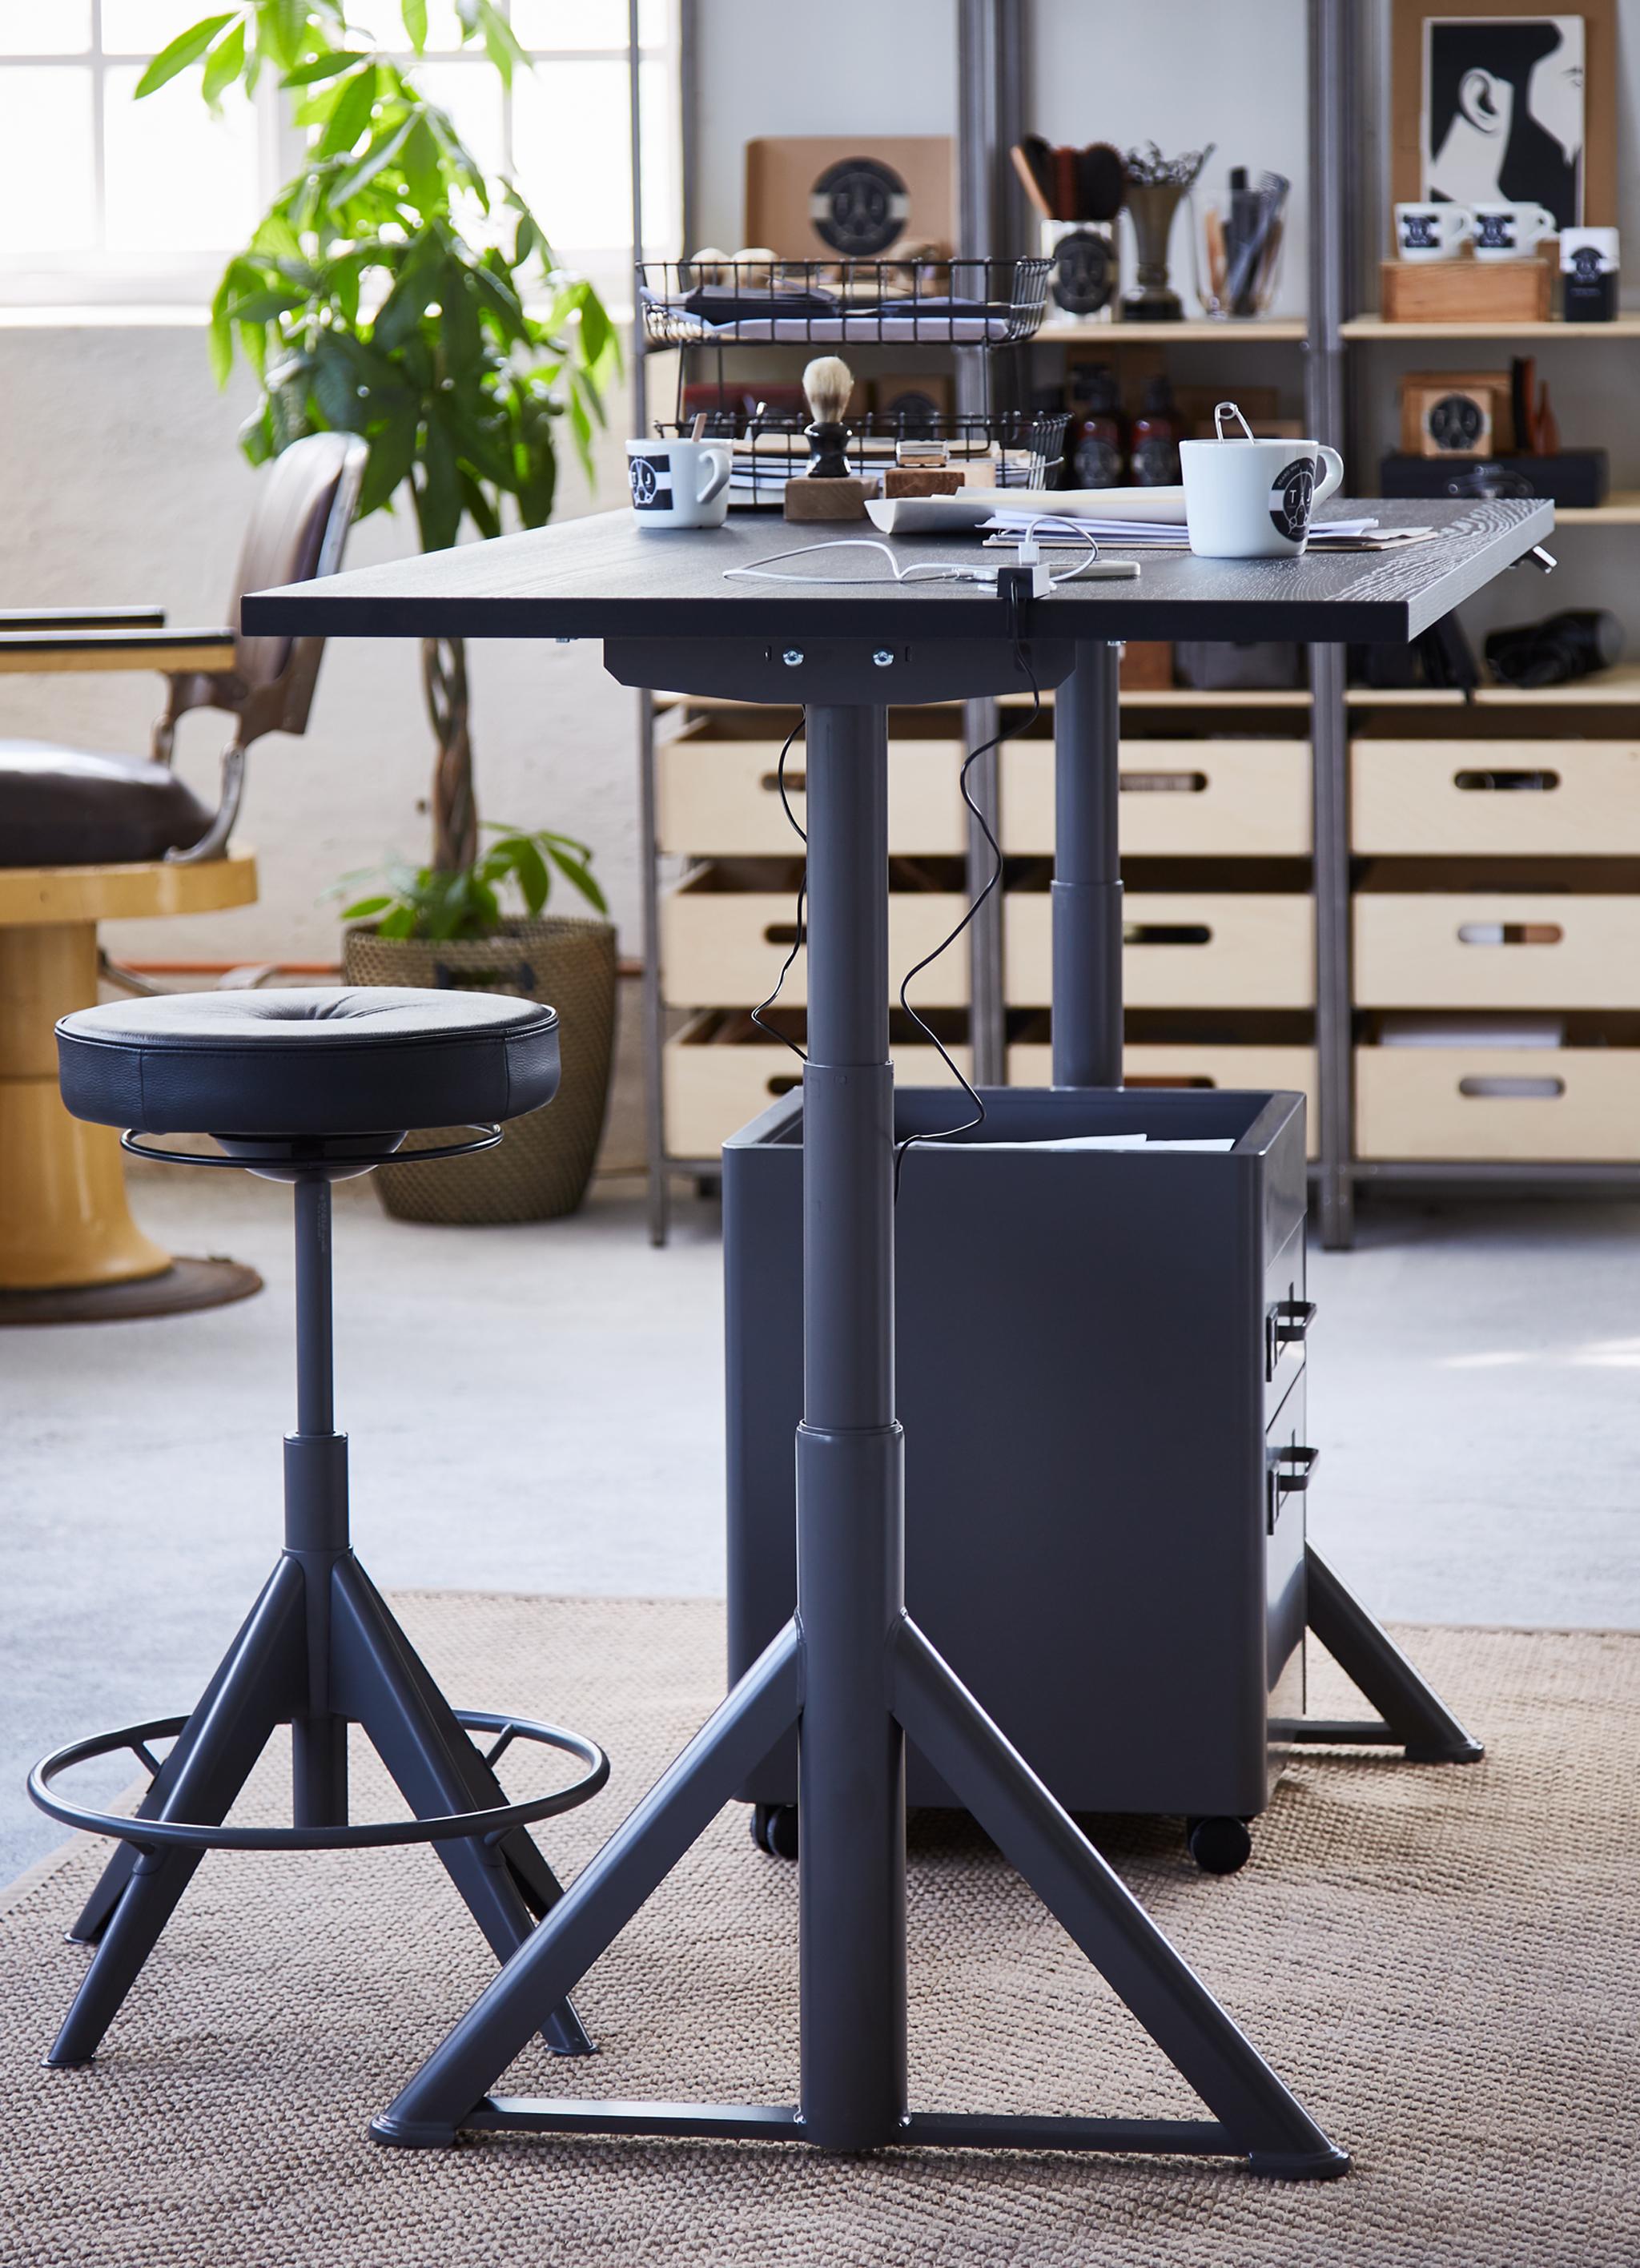 Czarne biurko IDÅSEN o regulowanej wysokości z czarnym stołkiem TROLLBERGET i komodą ALEX.